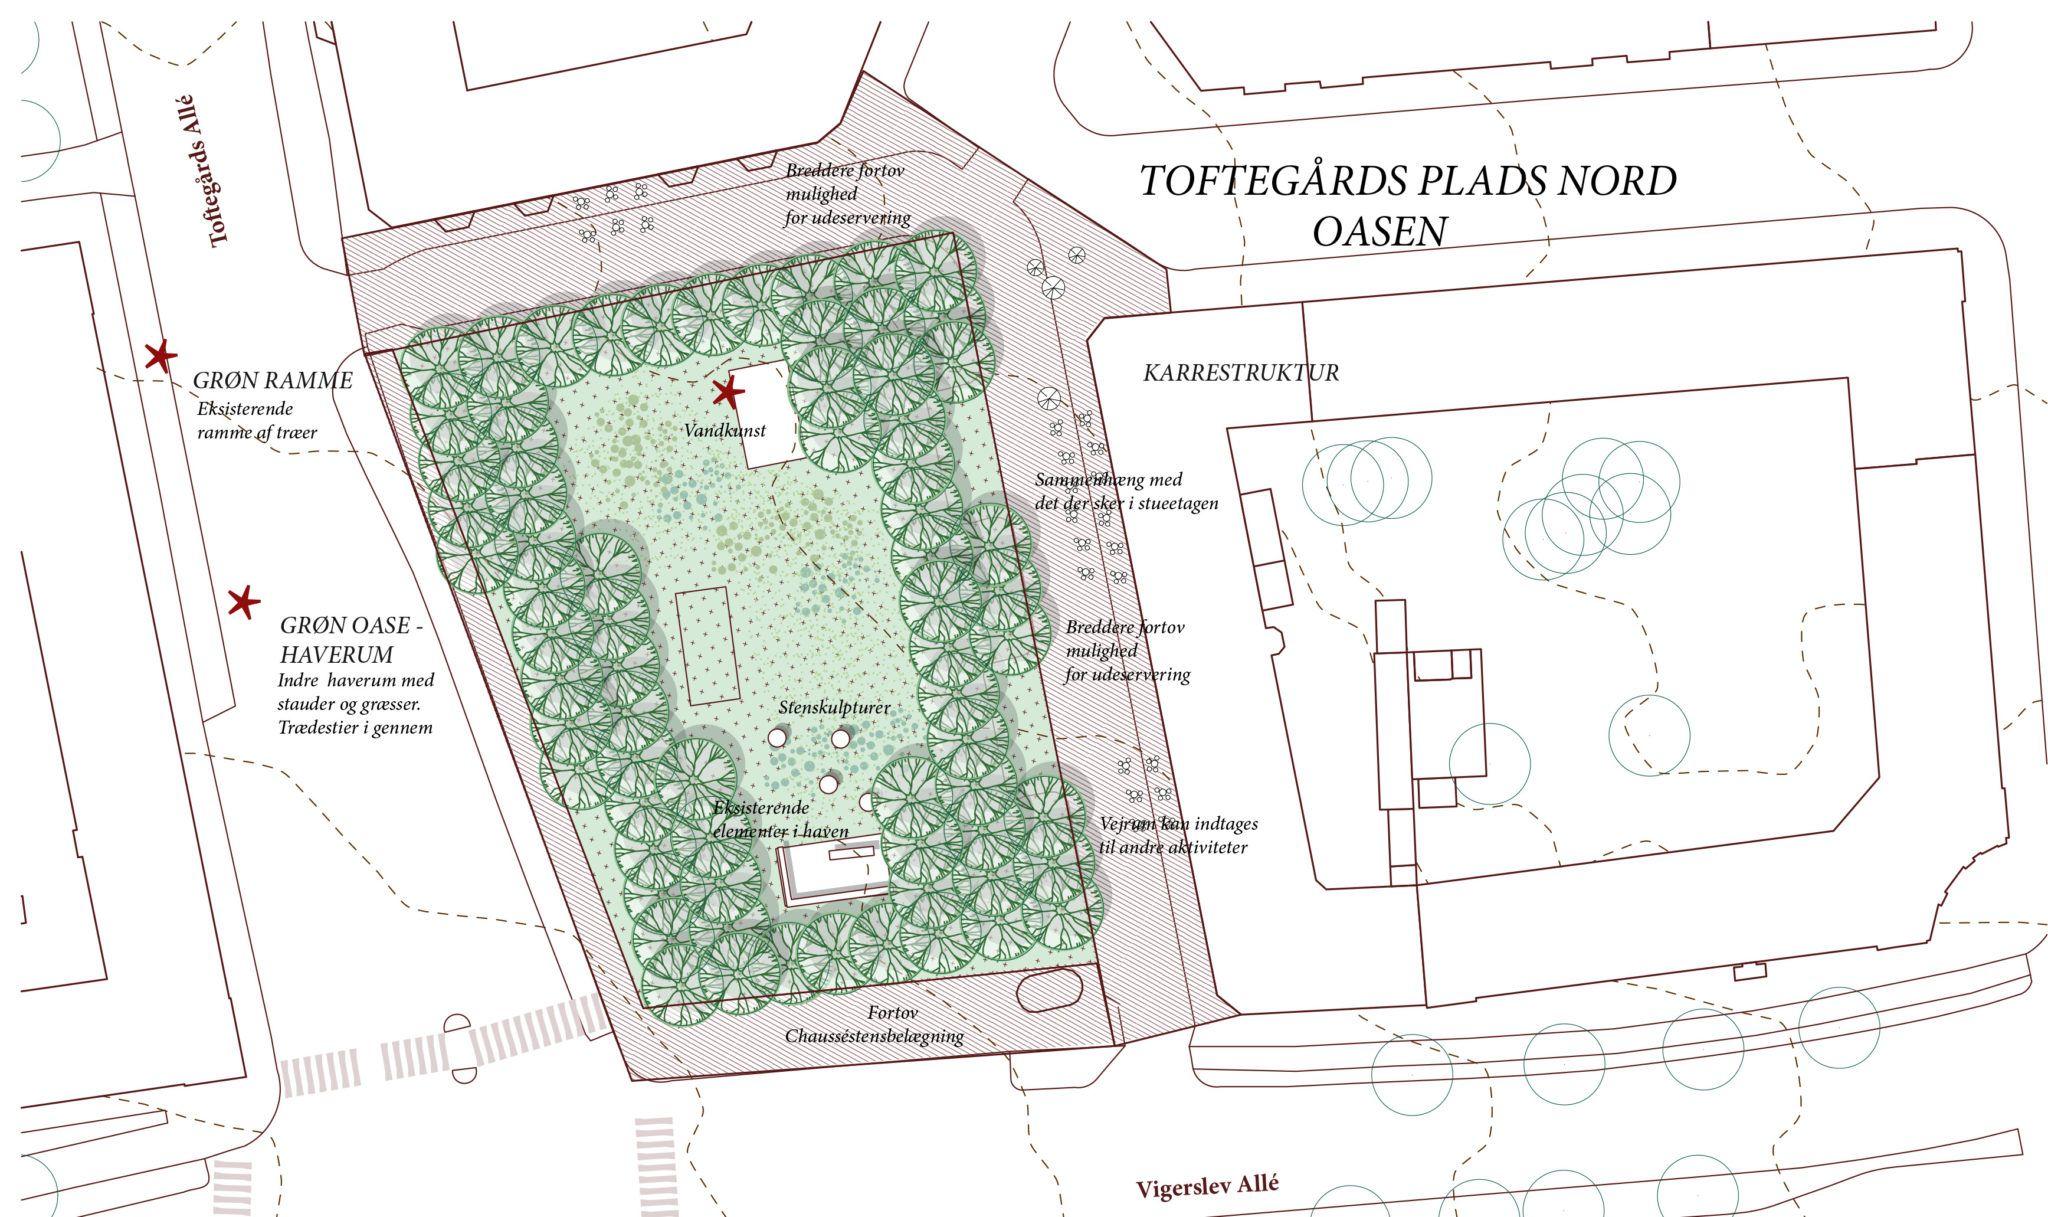 Toftegårds Plads Nord visualisering